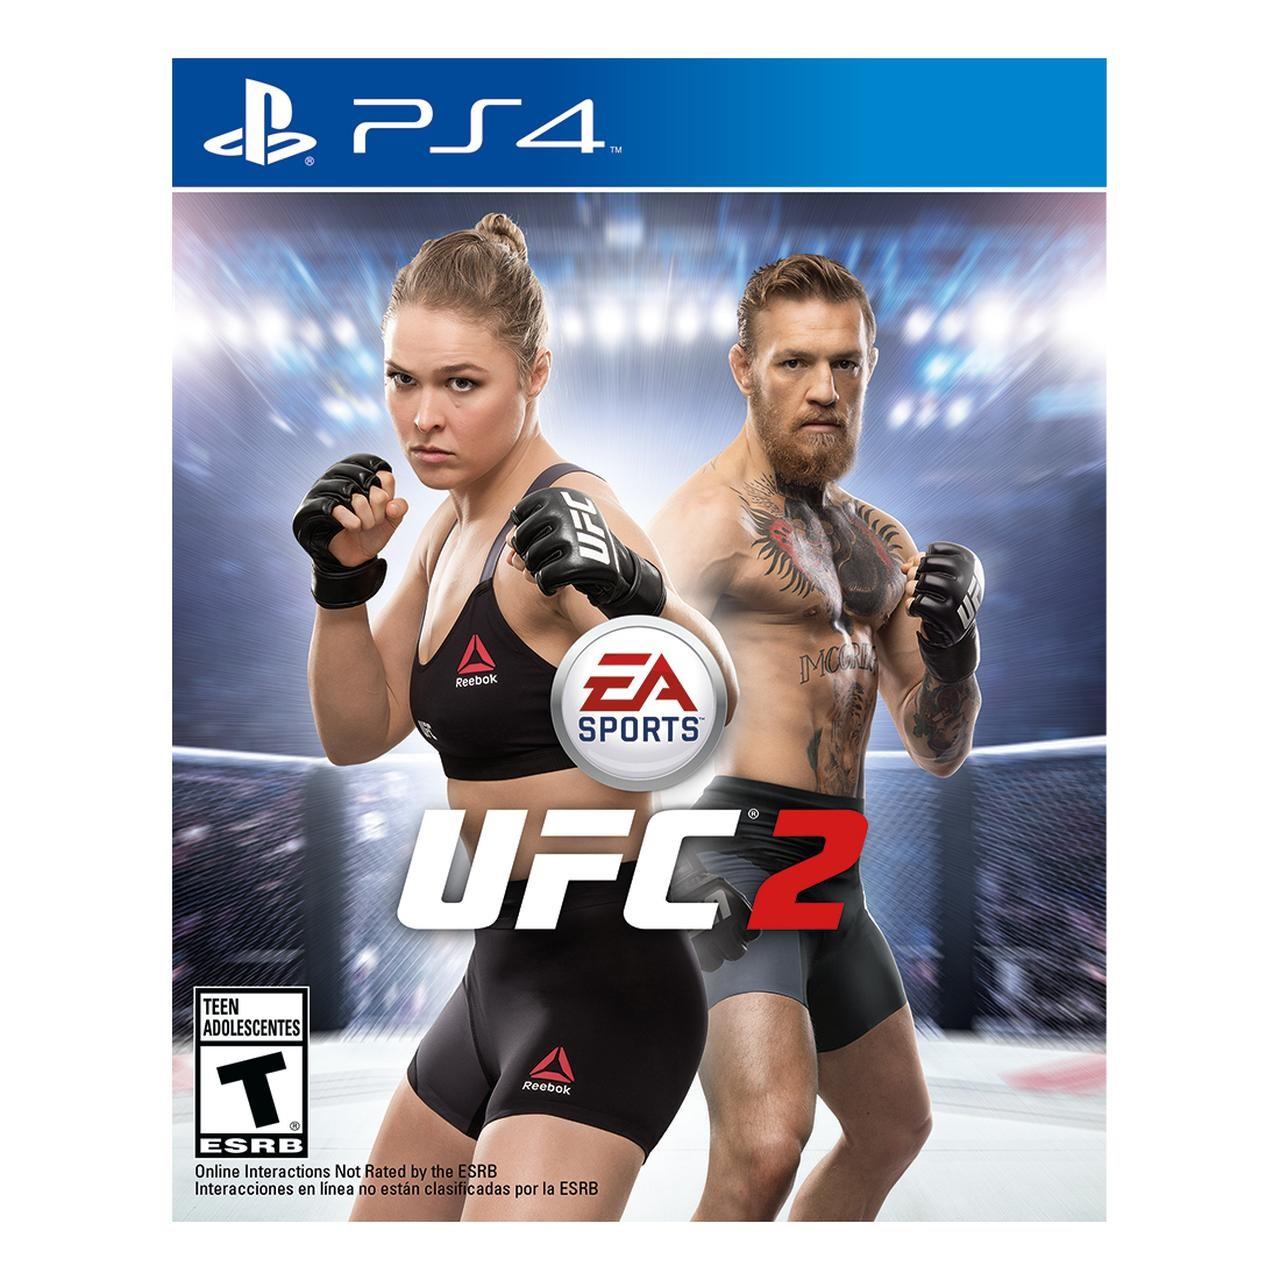 Аккаунт с игрой UFC 2 (PS4) АРЕНДА|ПРОКАТ